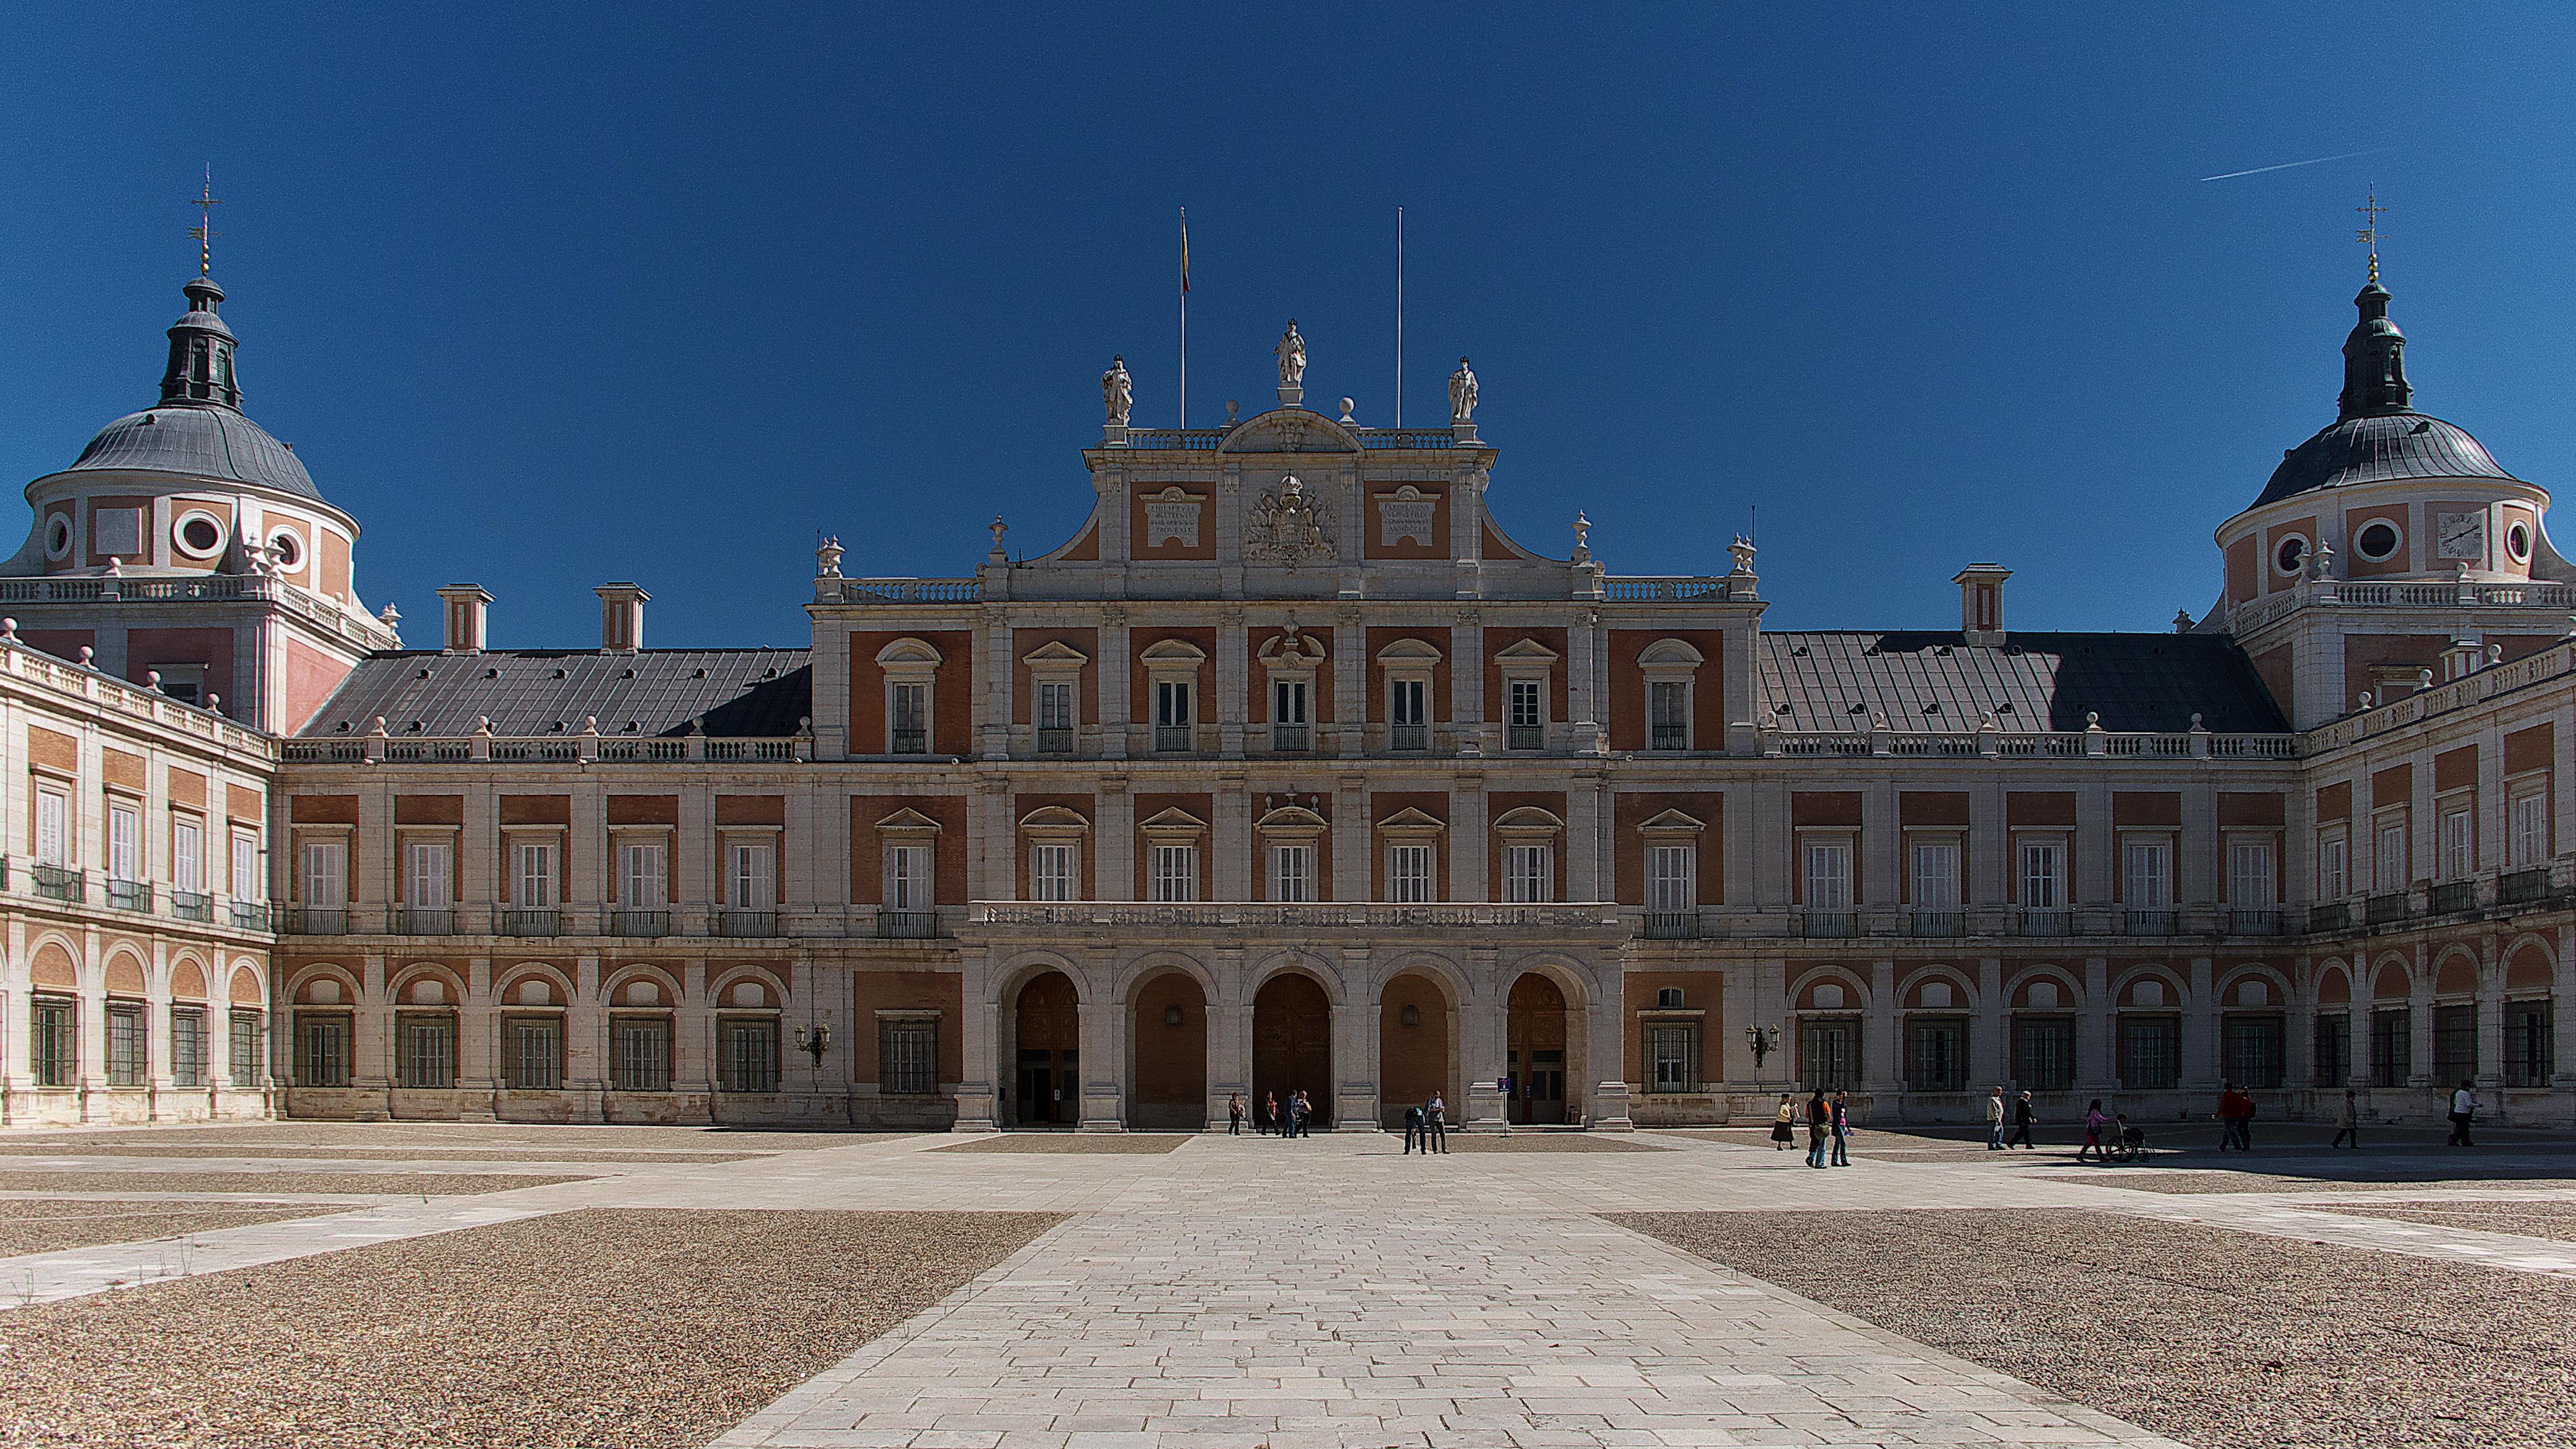 66777e1c12 Royal Palace of Aranjuez - Wikipedia